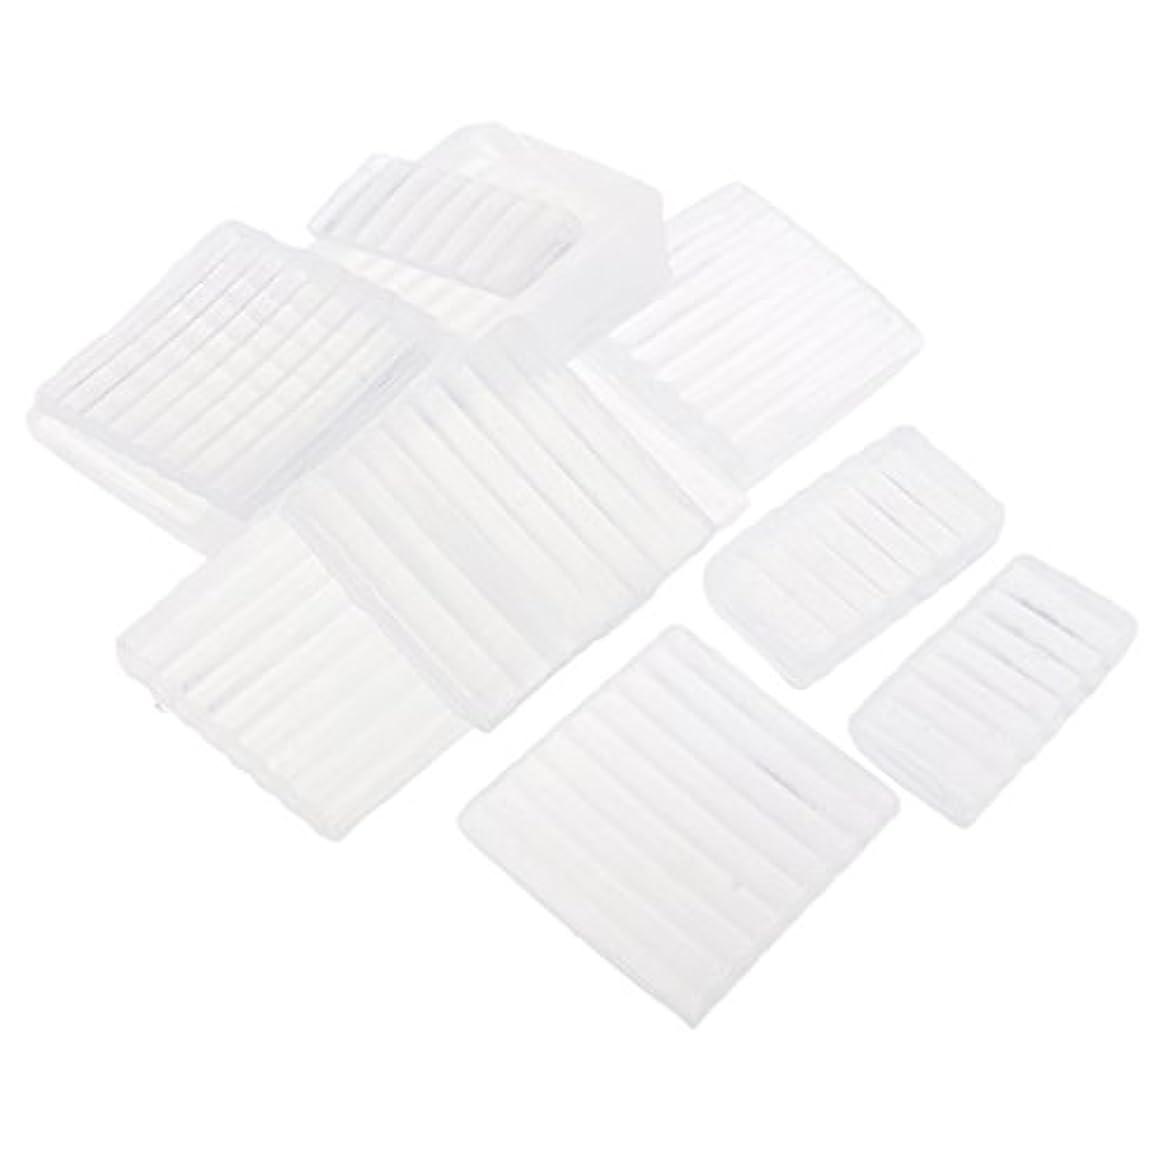 いいね誇り会計士ホワイト 透明 石鹸ベース DIY 手作り 石鹸 材料 約500g